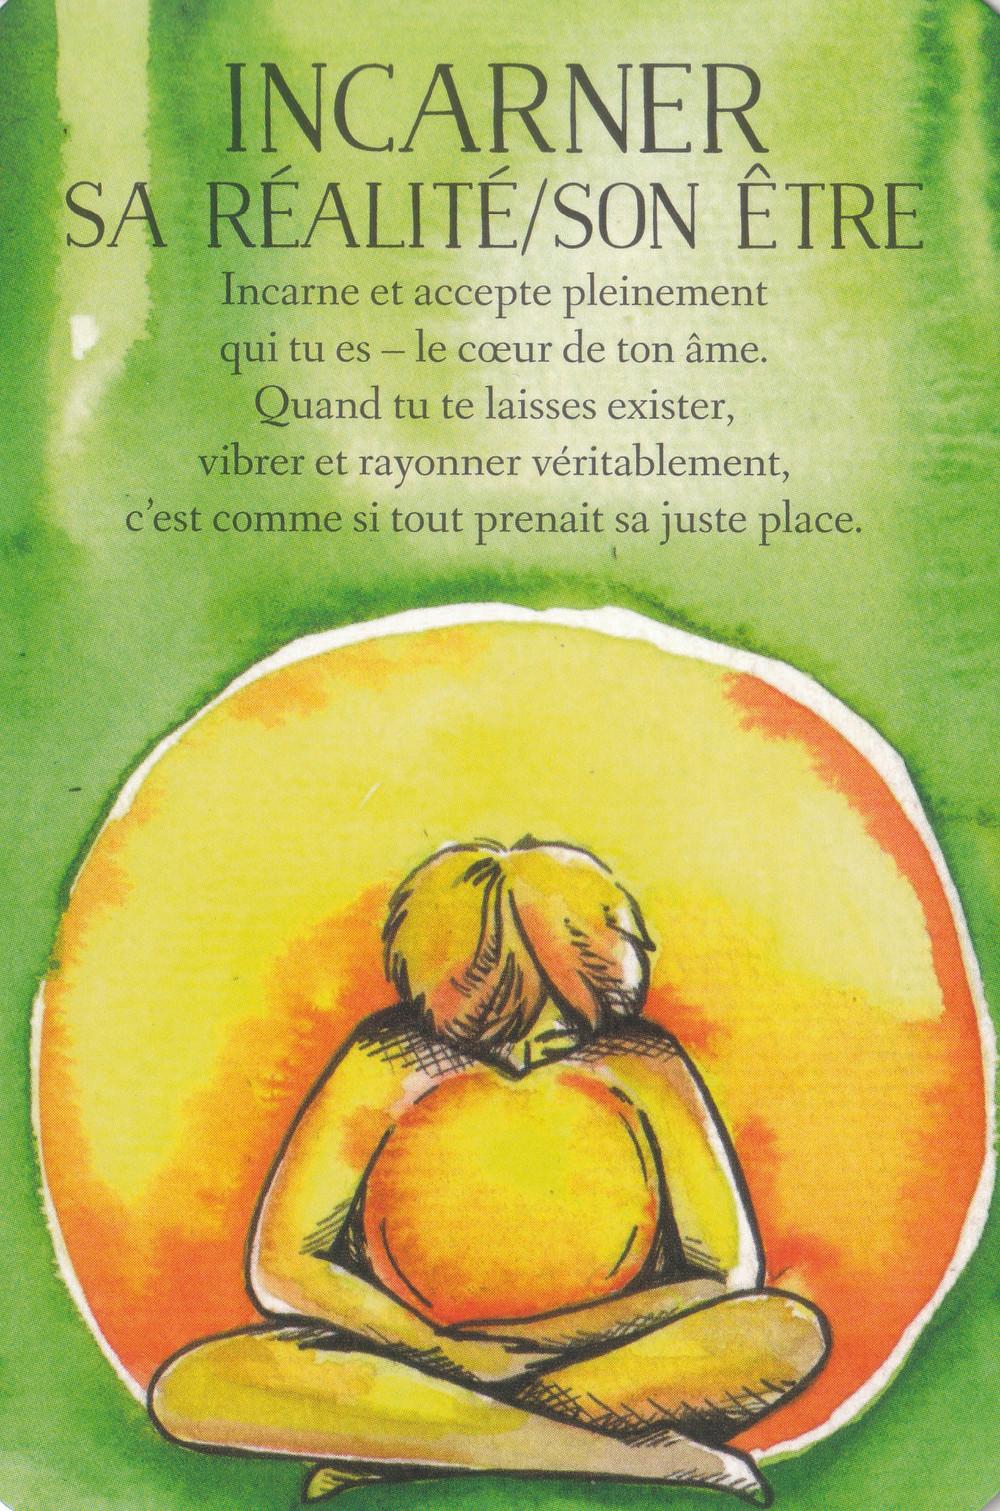 Carte de L'Oracle des messages de ton âme, de Charlotte Daynes - Incarner sa Réalité / son Etre - Conseils et réponses aux messages SOS de la semaine du 15 au 21 juin 2020 '(Nouvelle Lune - Eclipse)